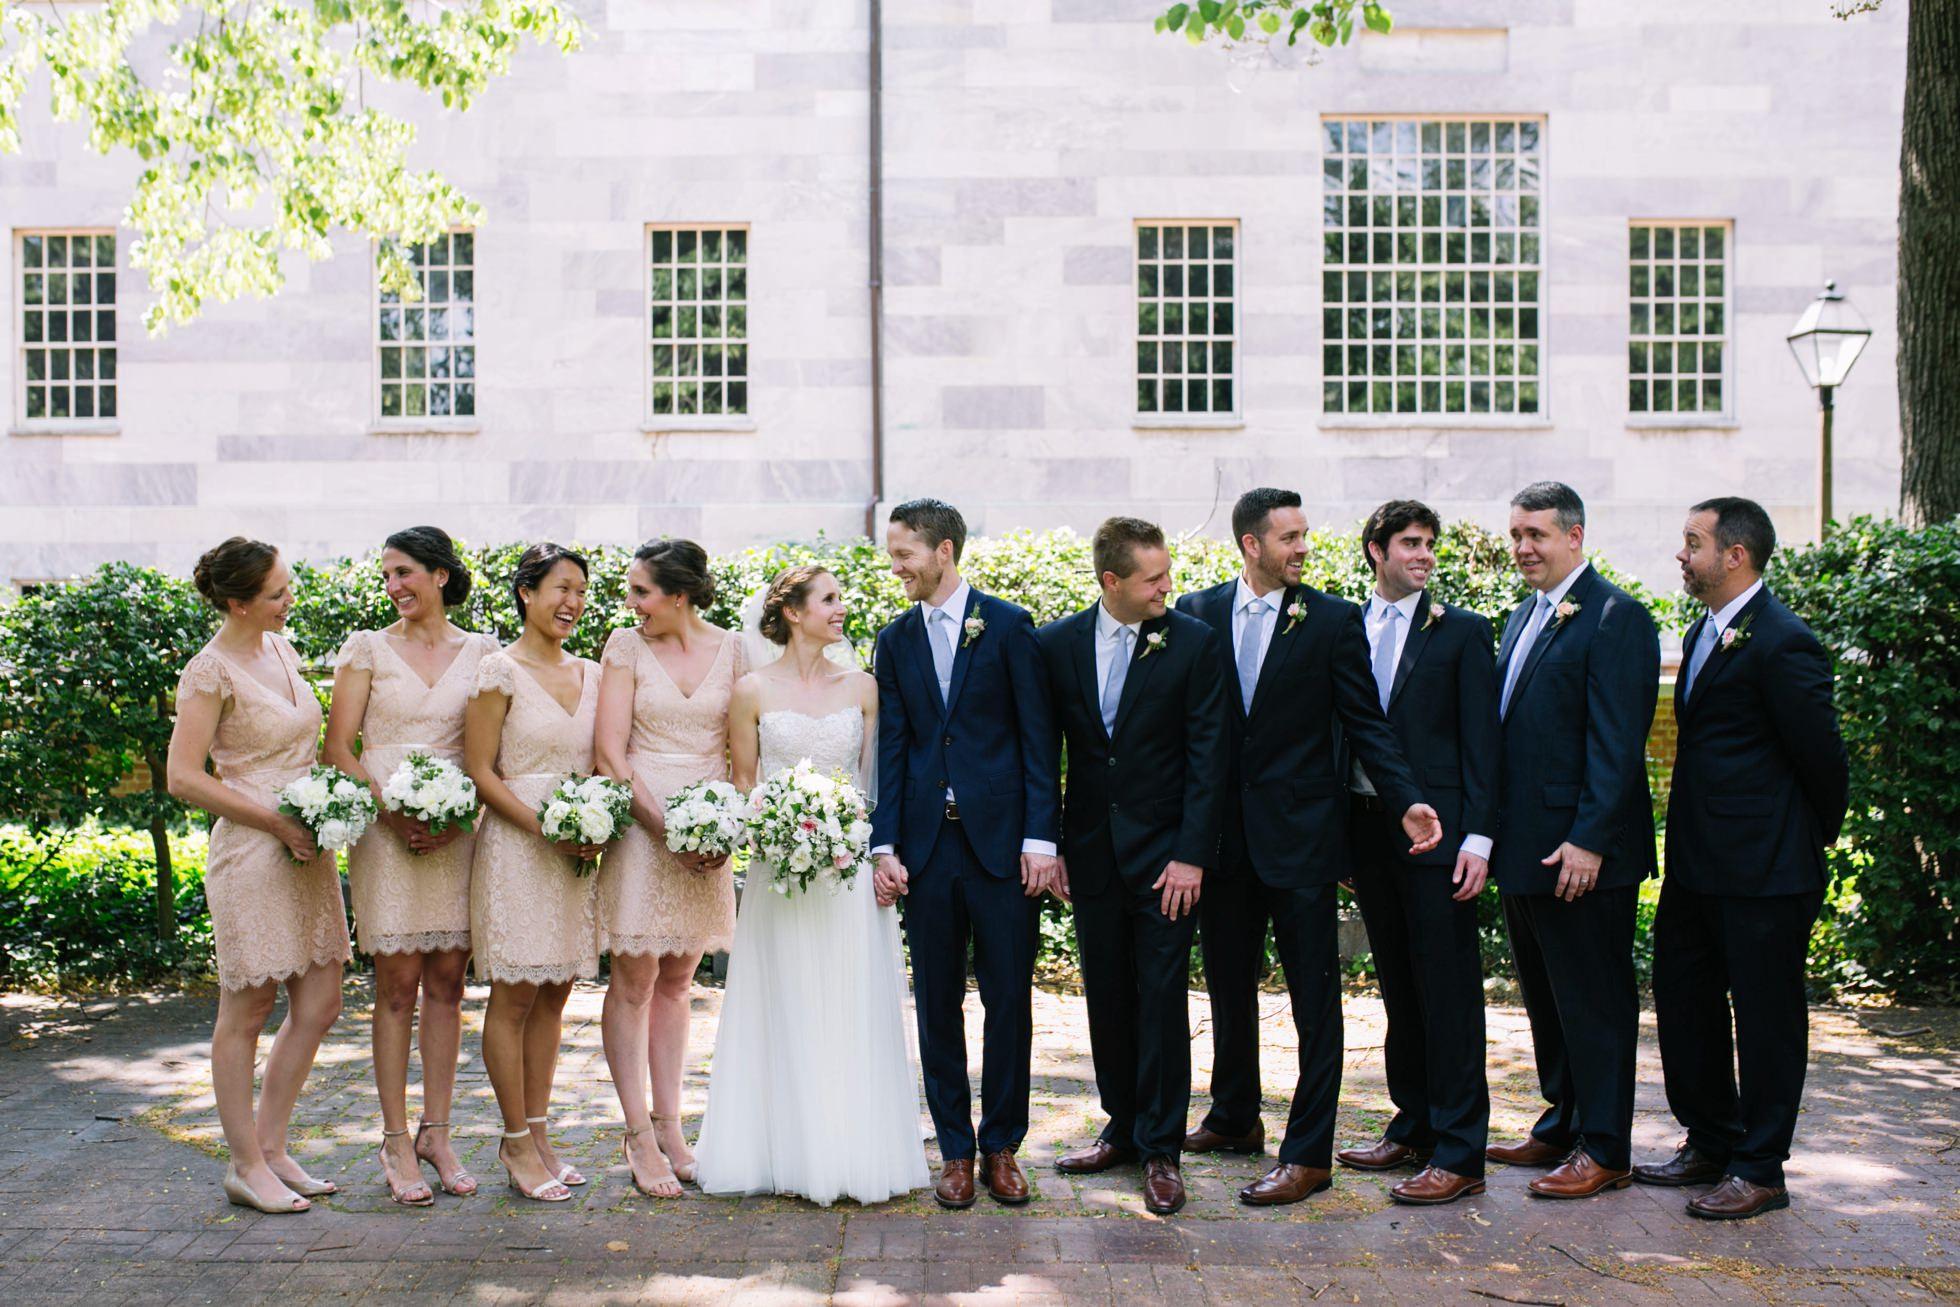 Romantic Bartram's Garden Outdoor Summer Wedding, Philadelphia | brittneyraine.com 037